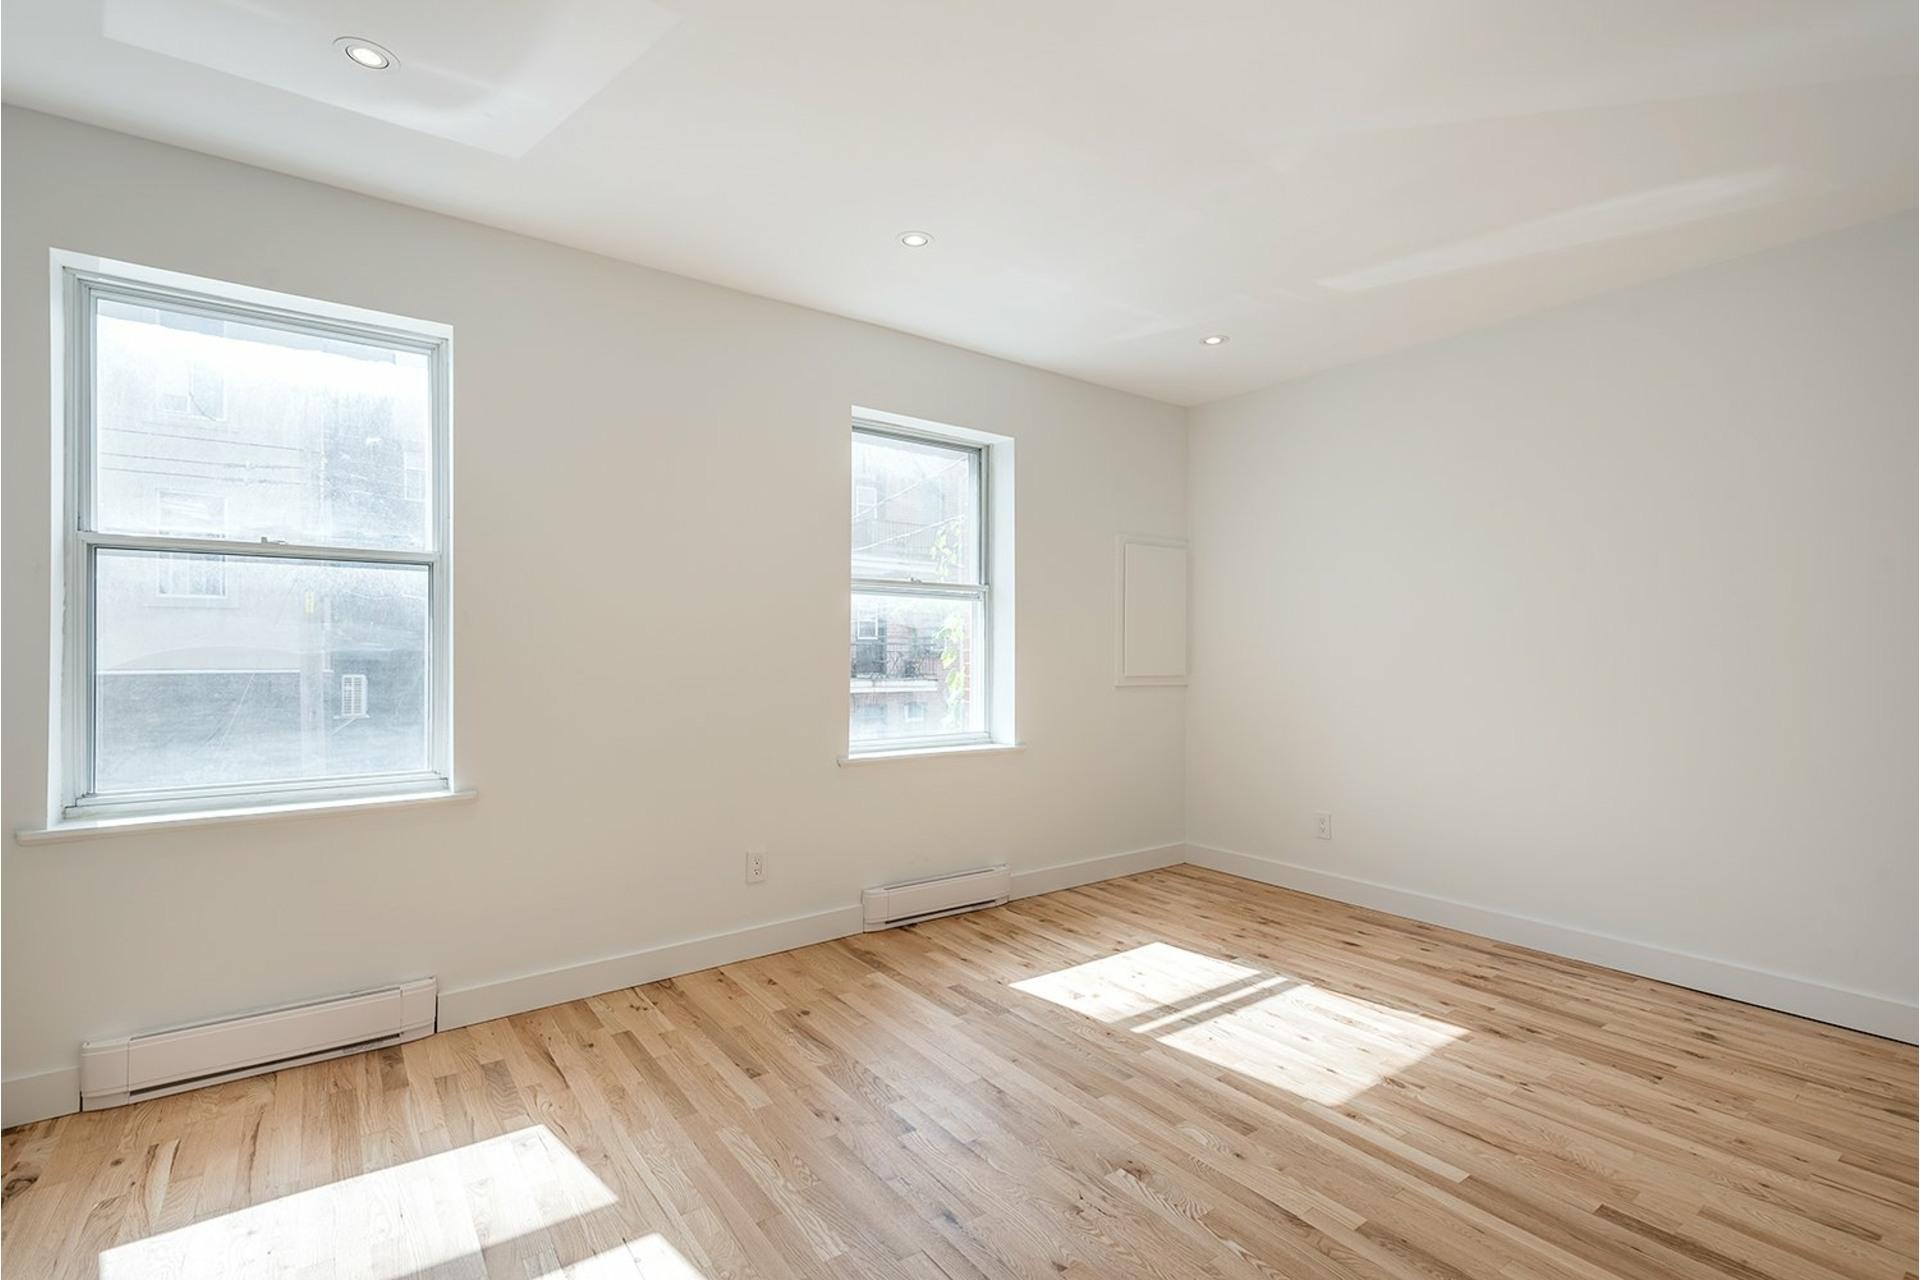 image 2 - Appartement À louer Le Sud-Ouest Montréal  - 4 pièces